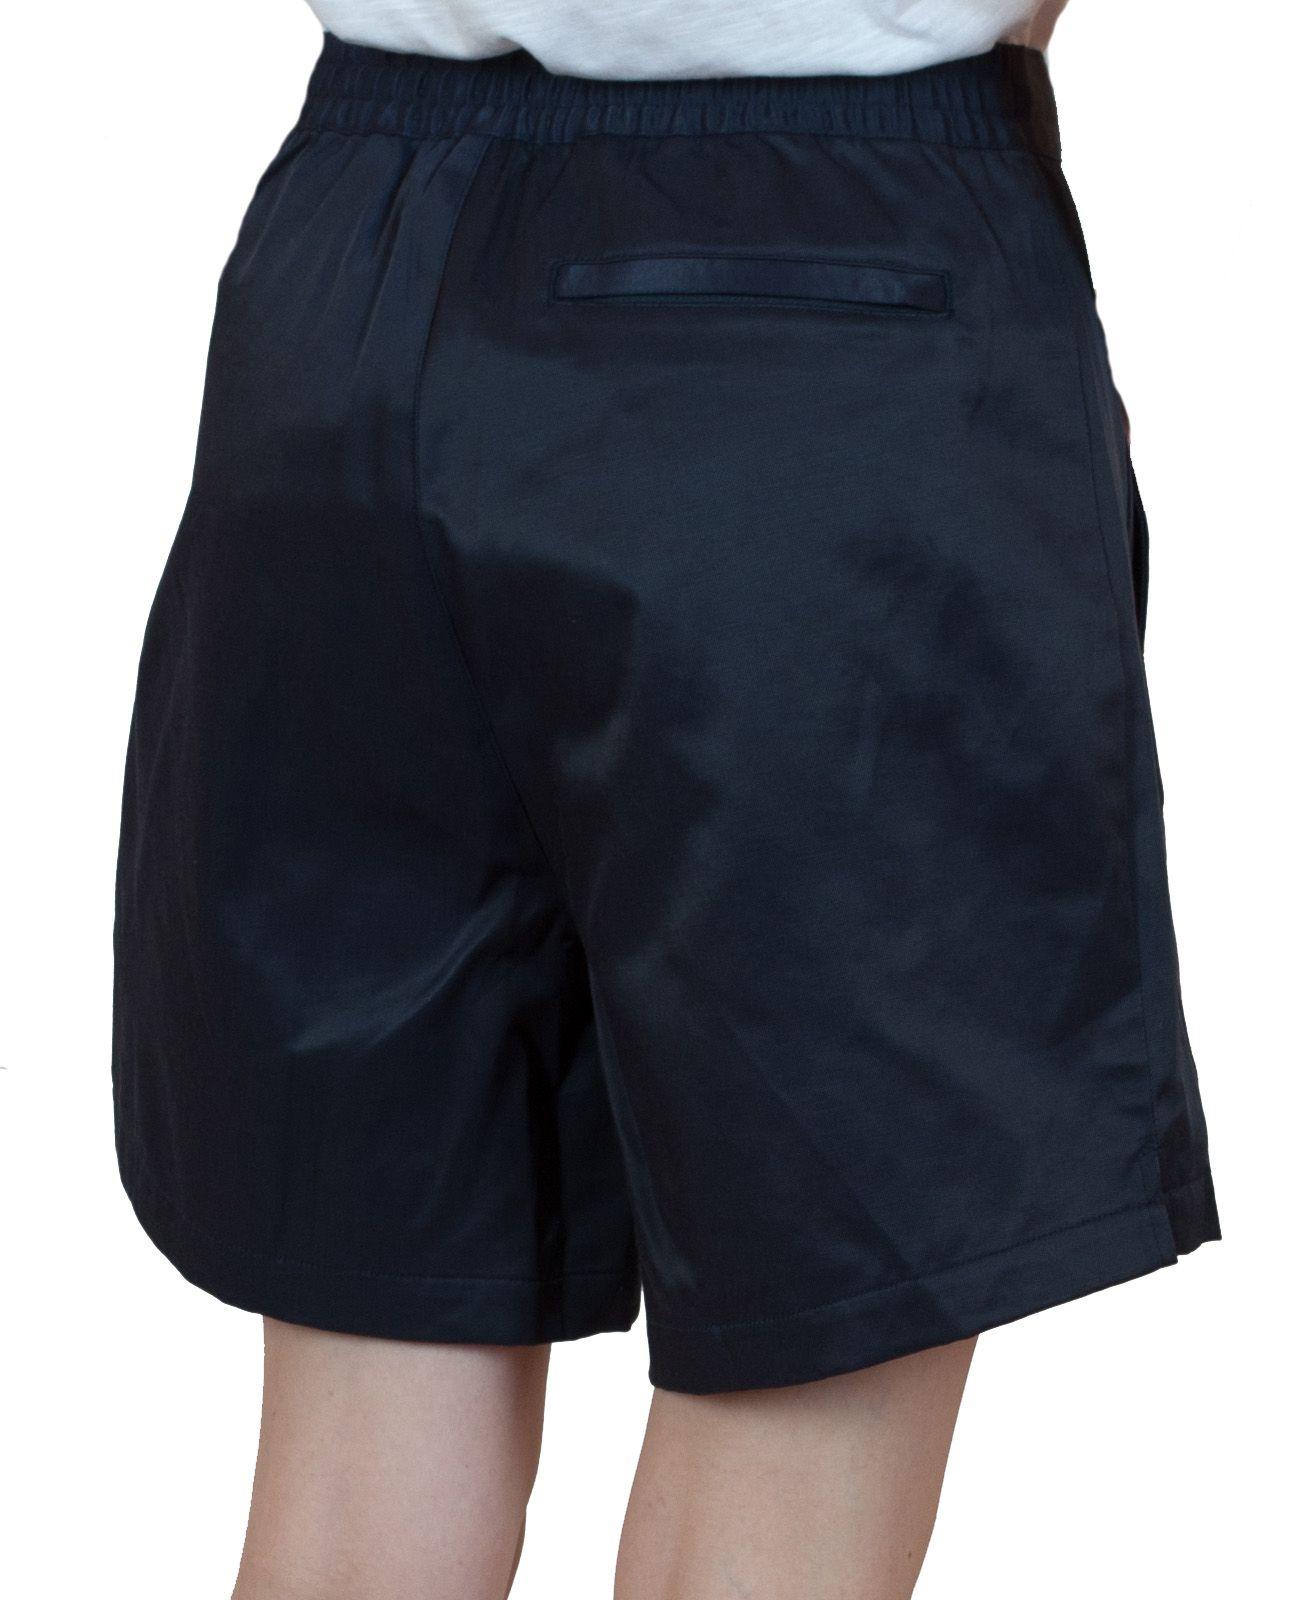 Летние шортики для женщин черного цвета - вид сзади